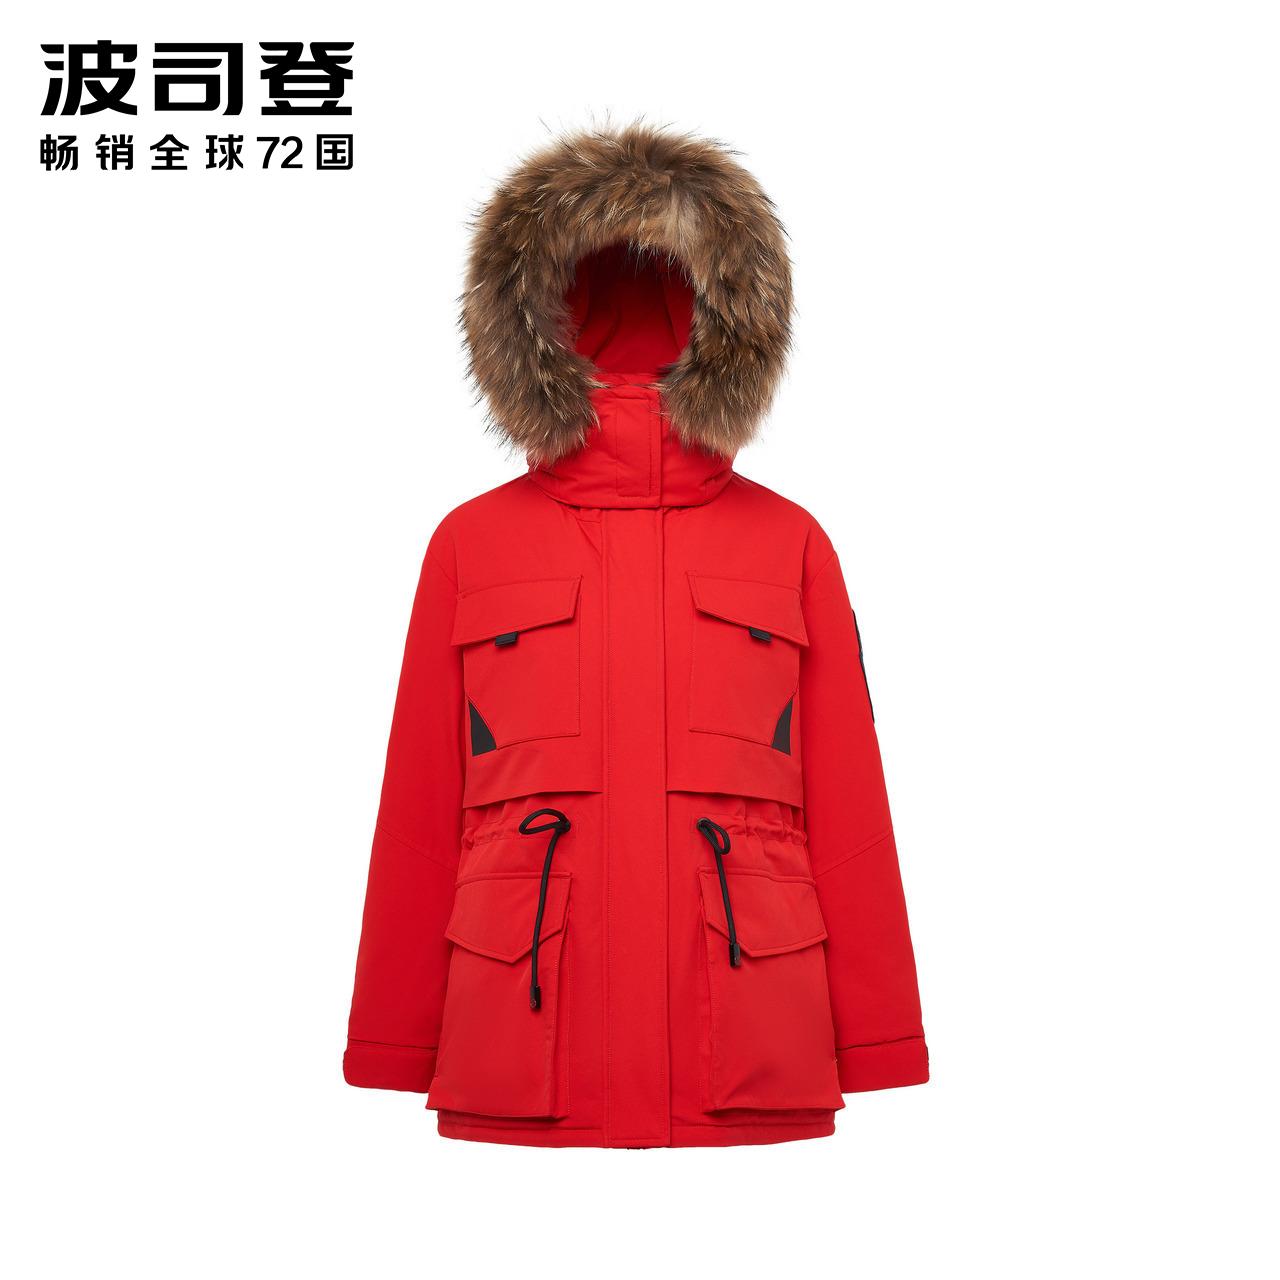 B90142028 2019  波司登羽绒服 新品女士鹅绒可脱卸帽加厚保暖时尚潮